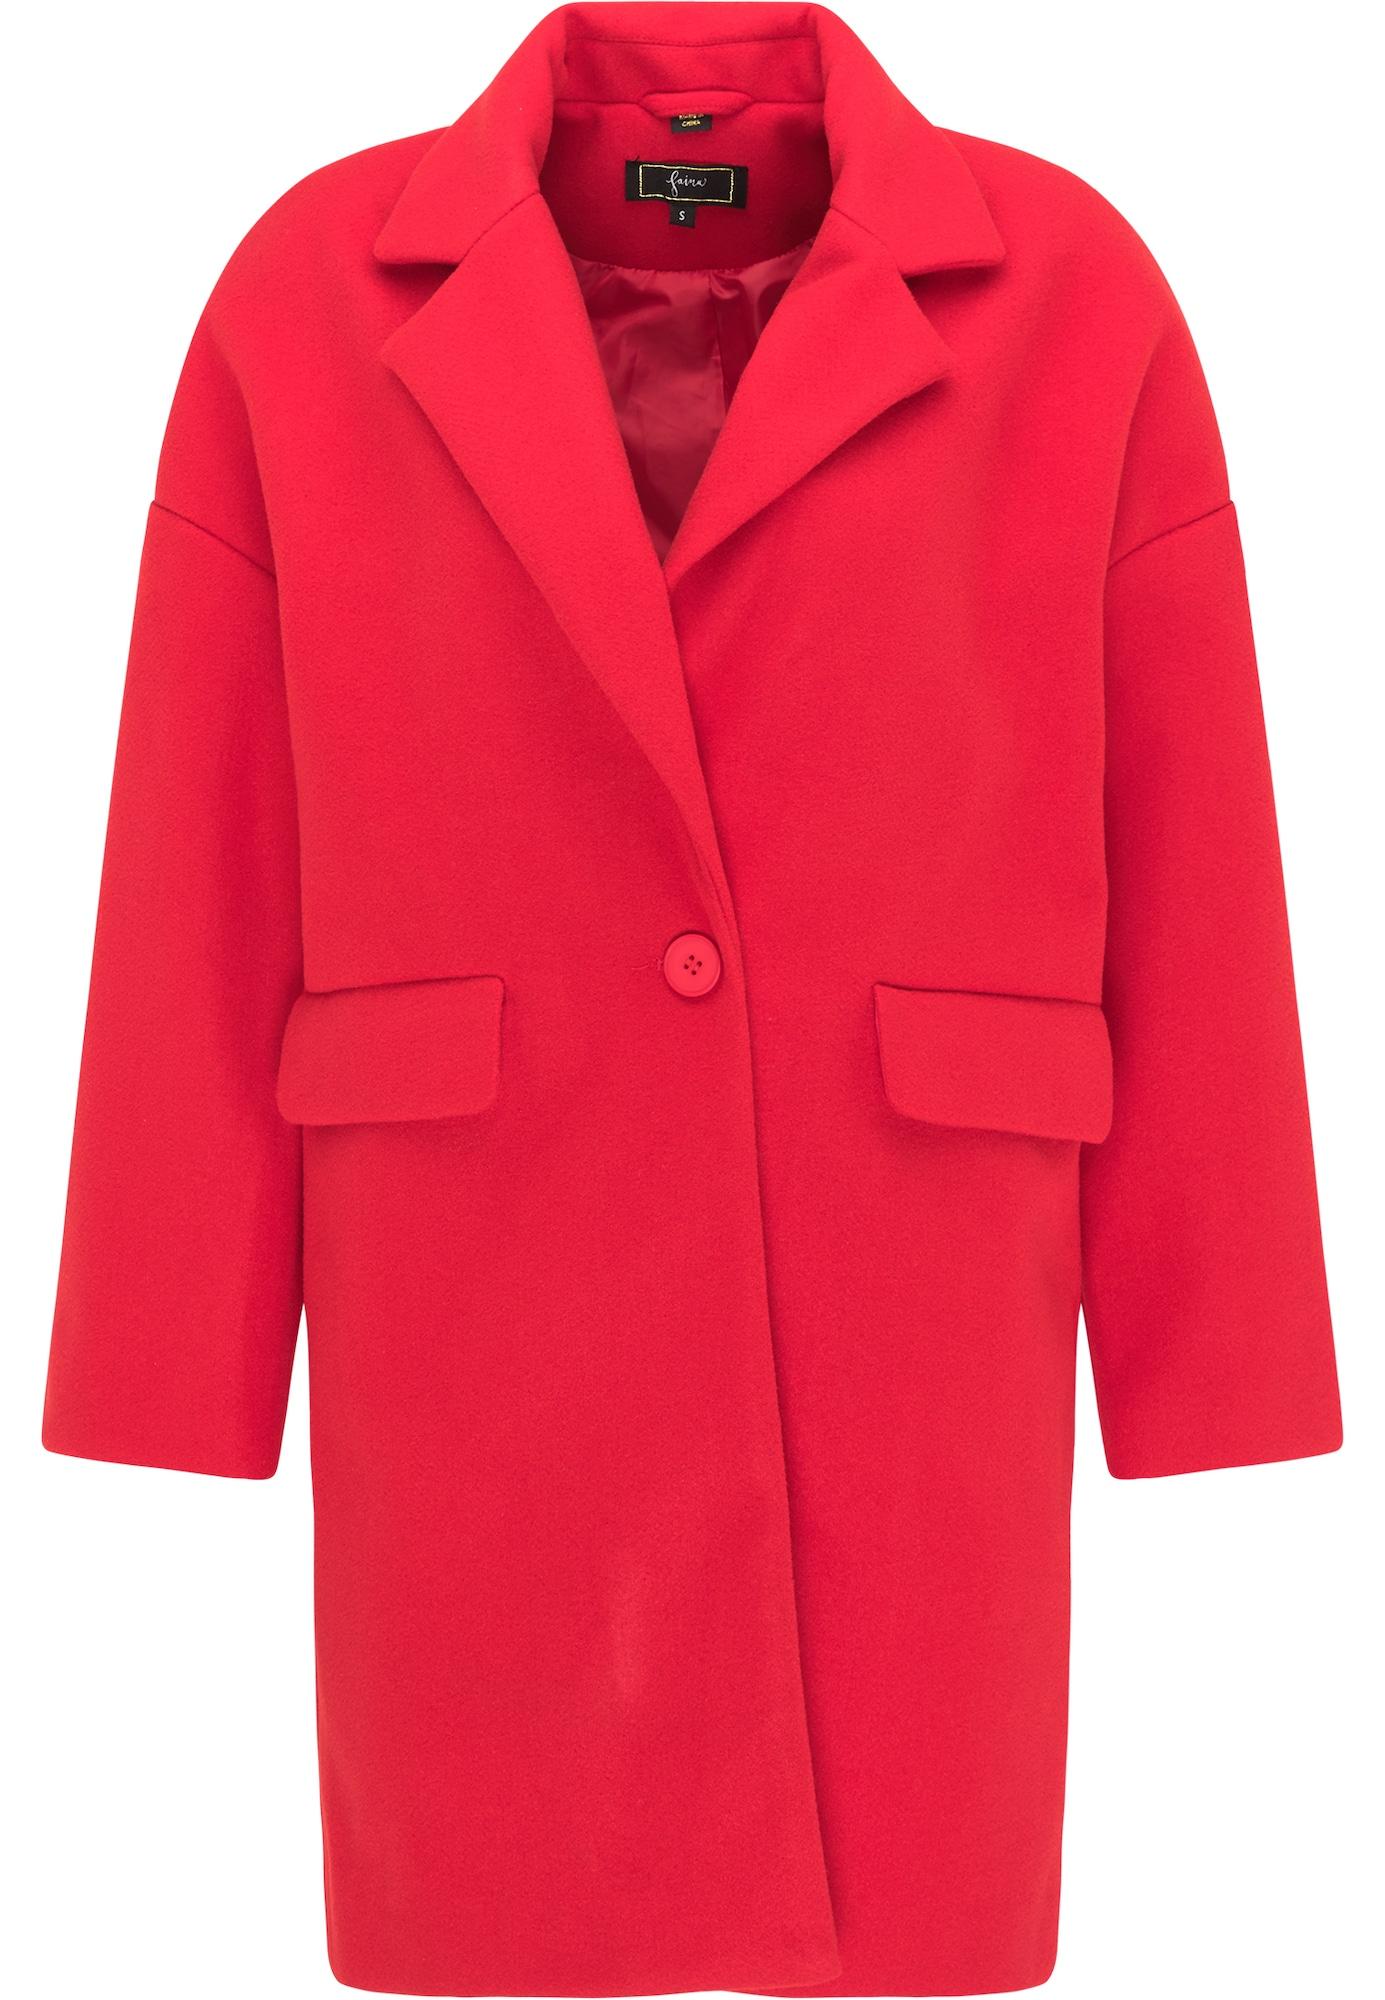 faina Demisezoninis paltas spanguolių spalva